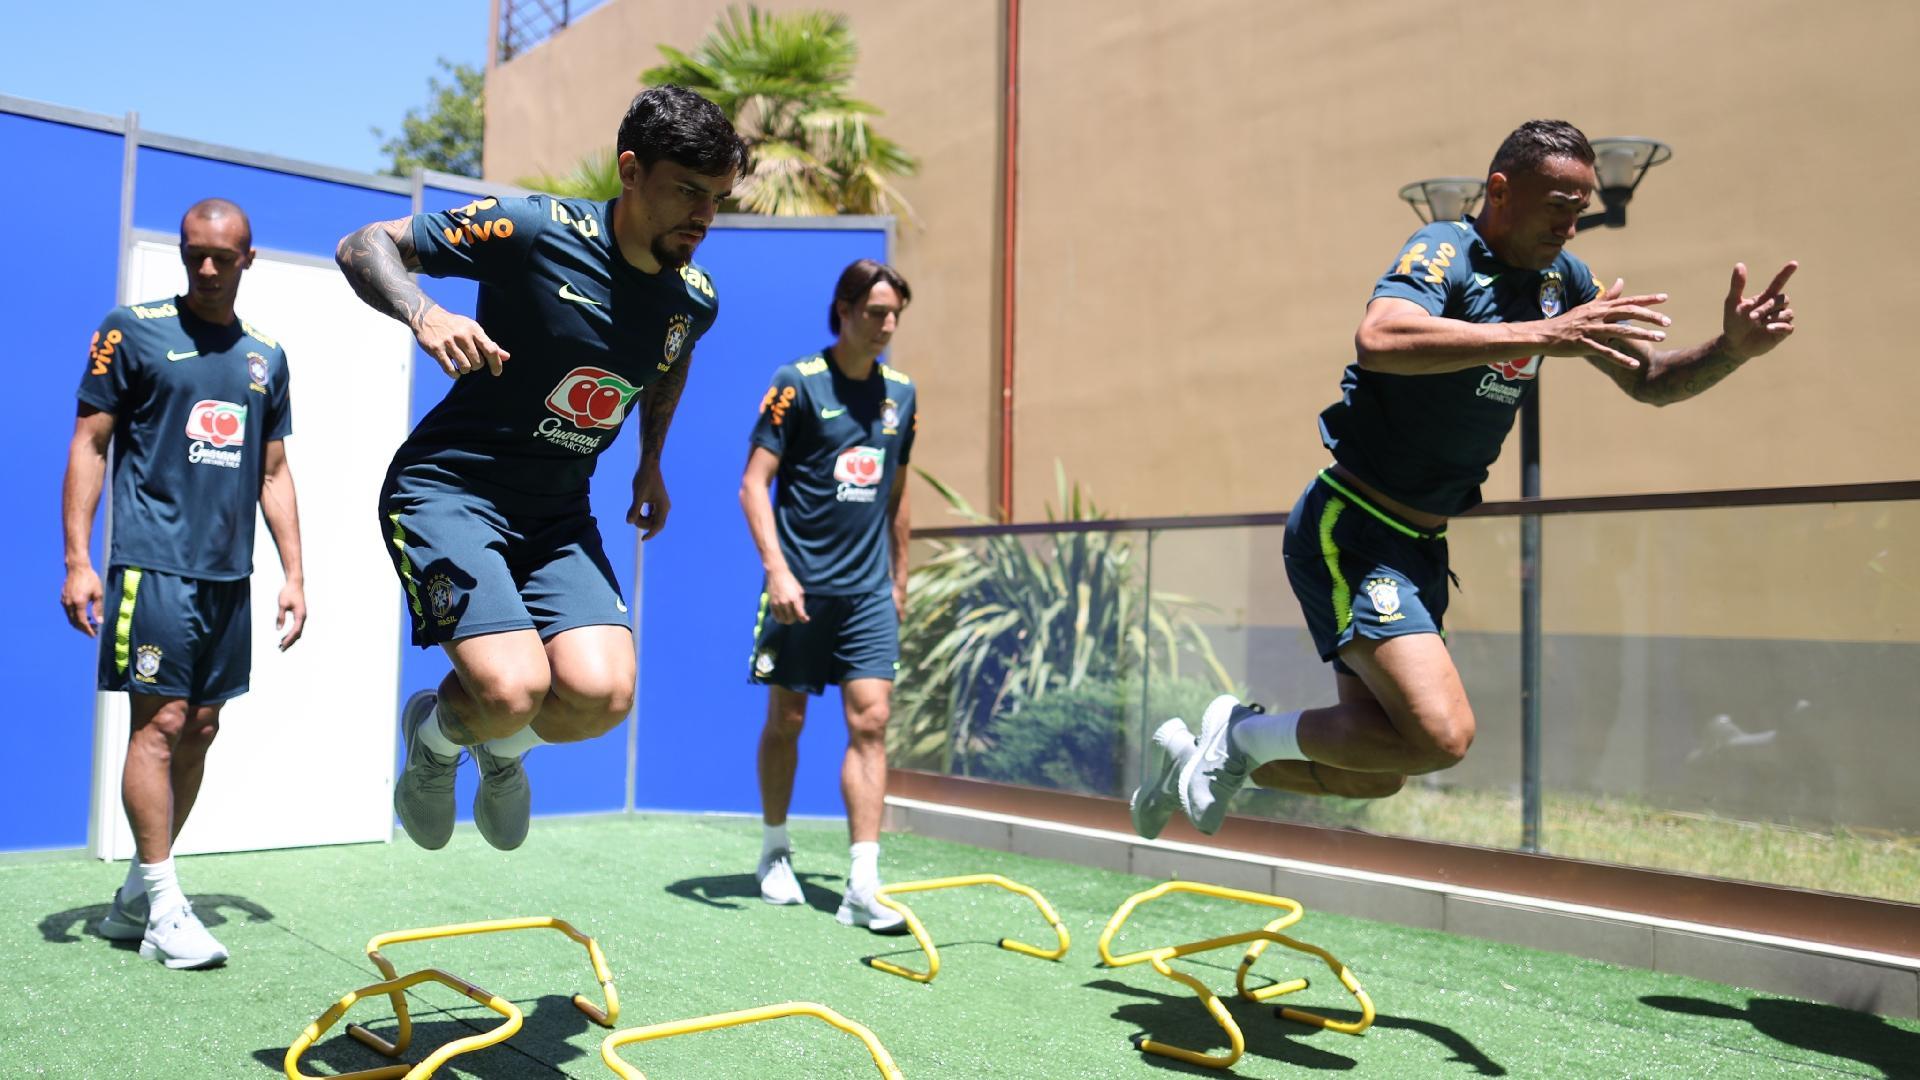 Jogadores fazem treino na academia em Sochi